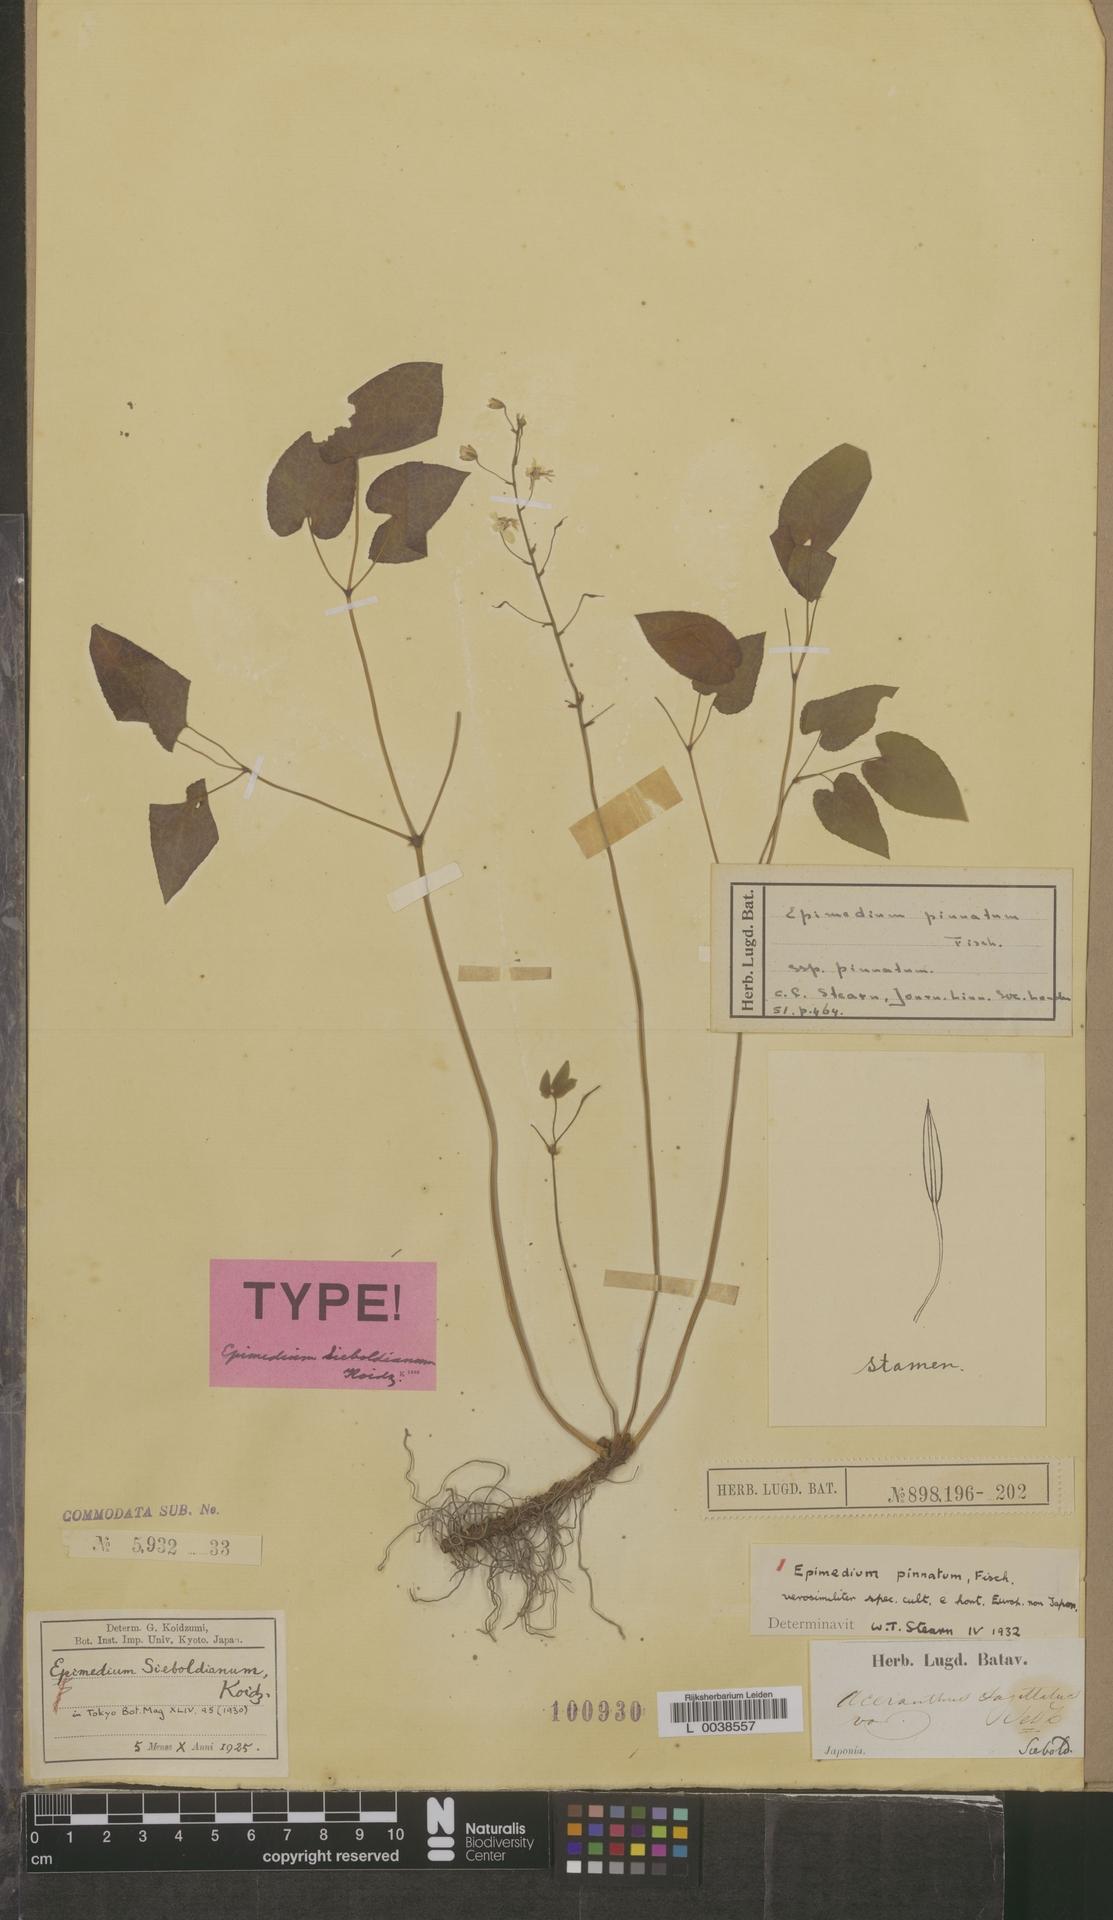 L  0038557   Epimedium pinnatum Fisch. ex DC.